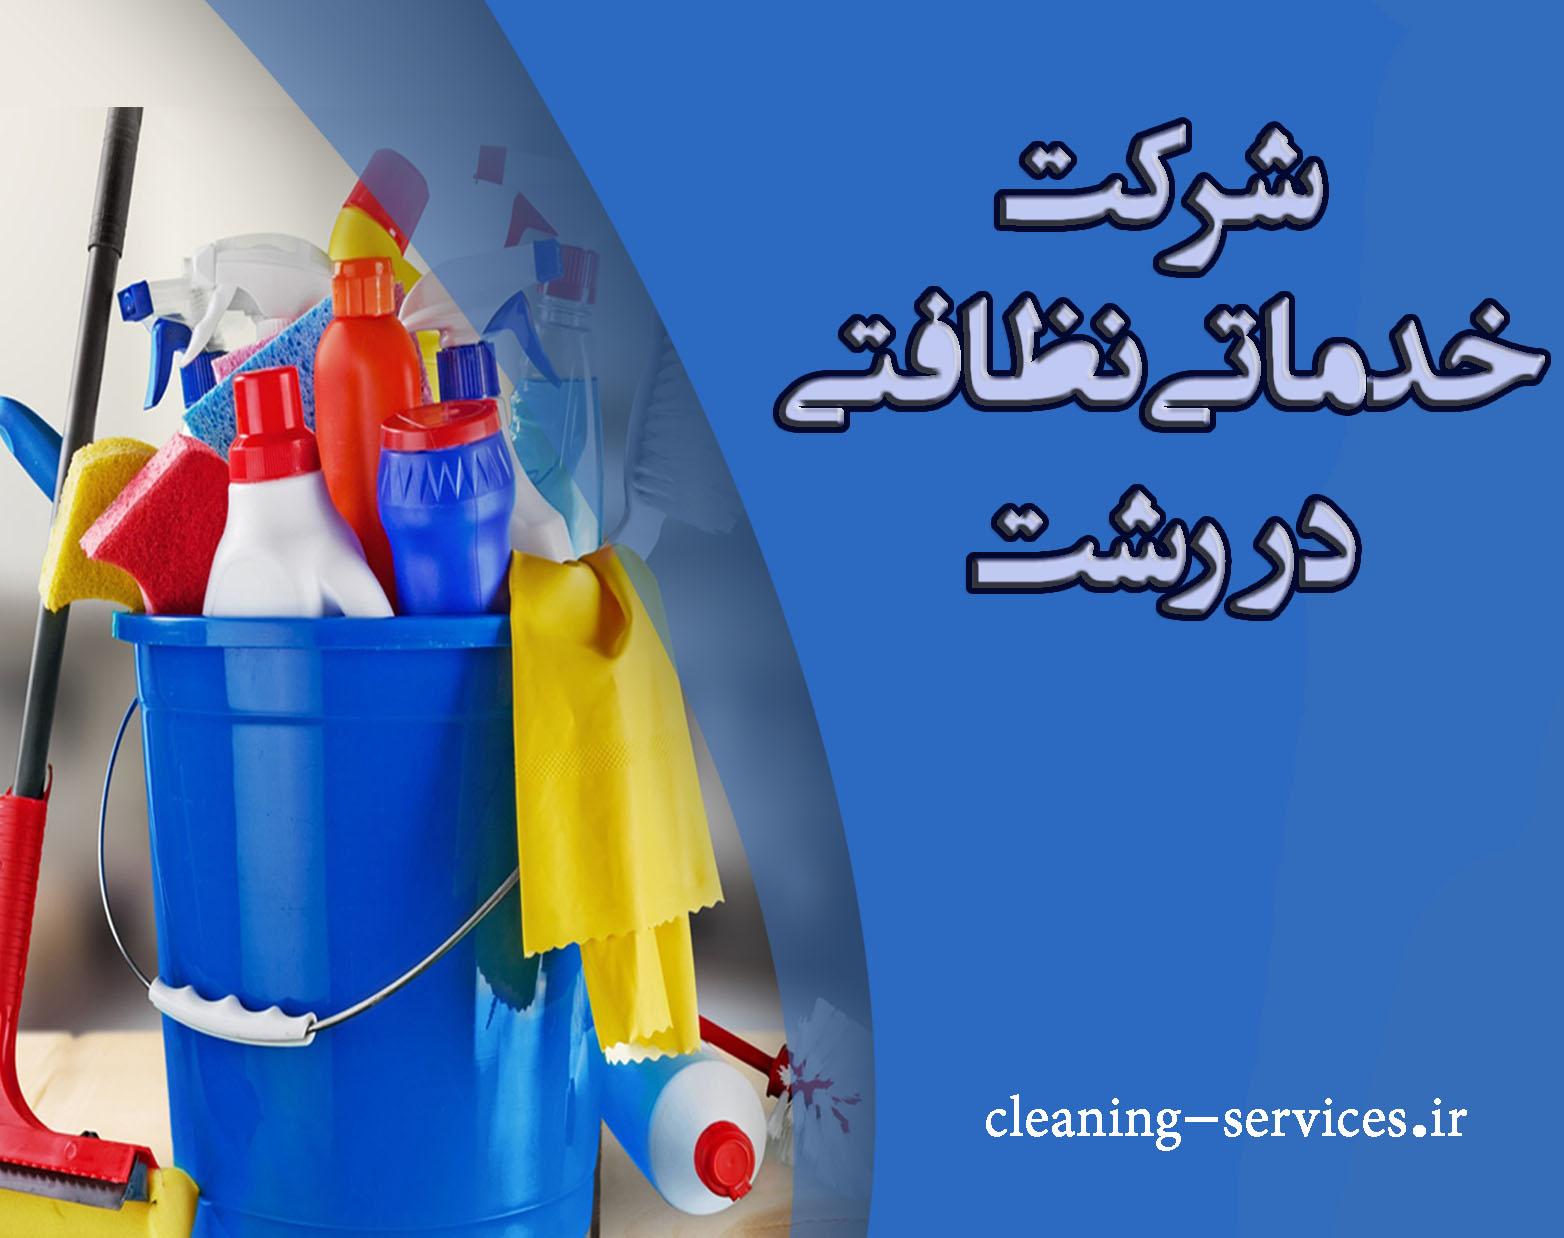 شرکت نظافتی در رشت